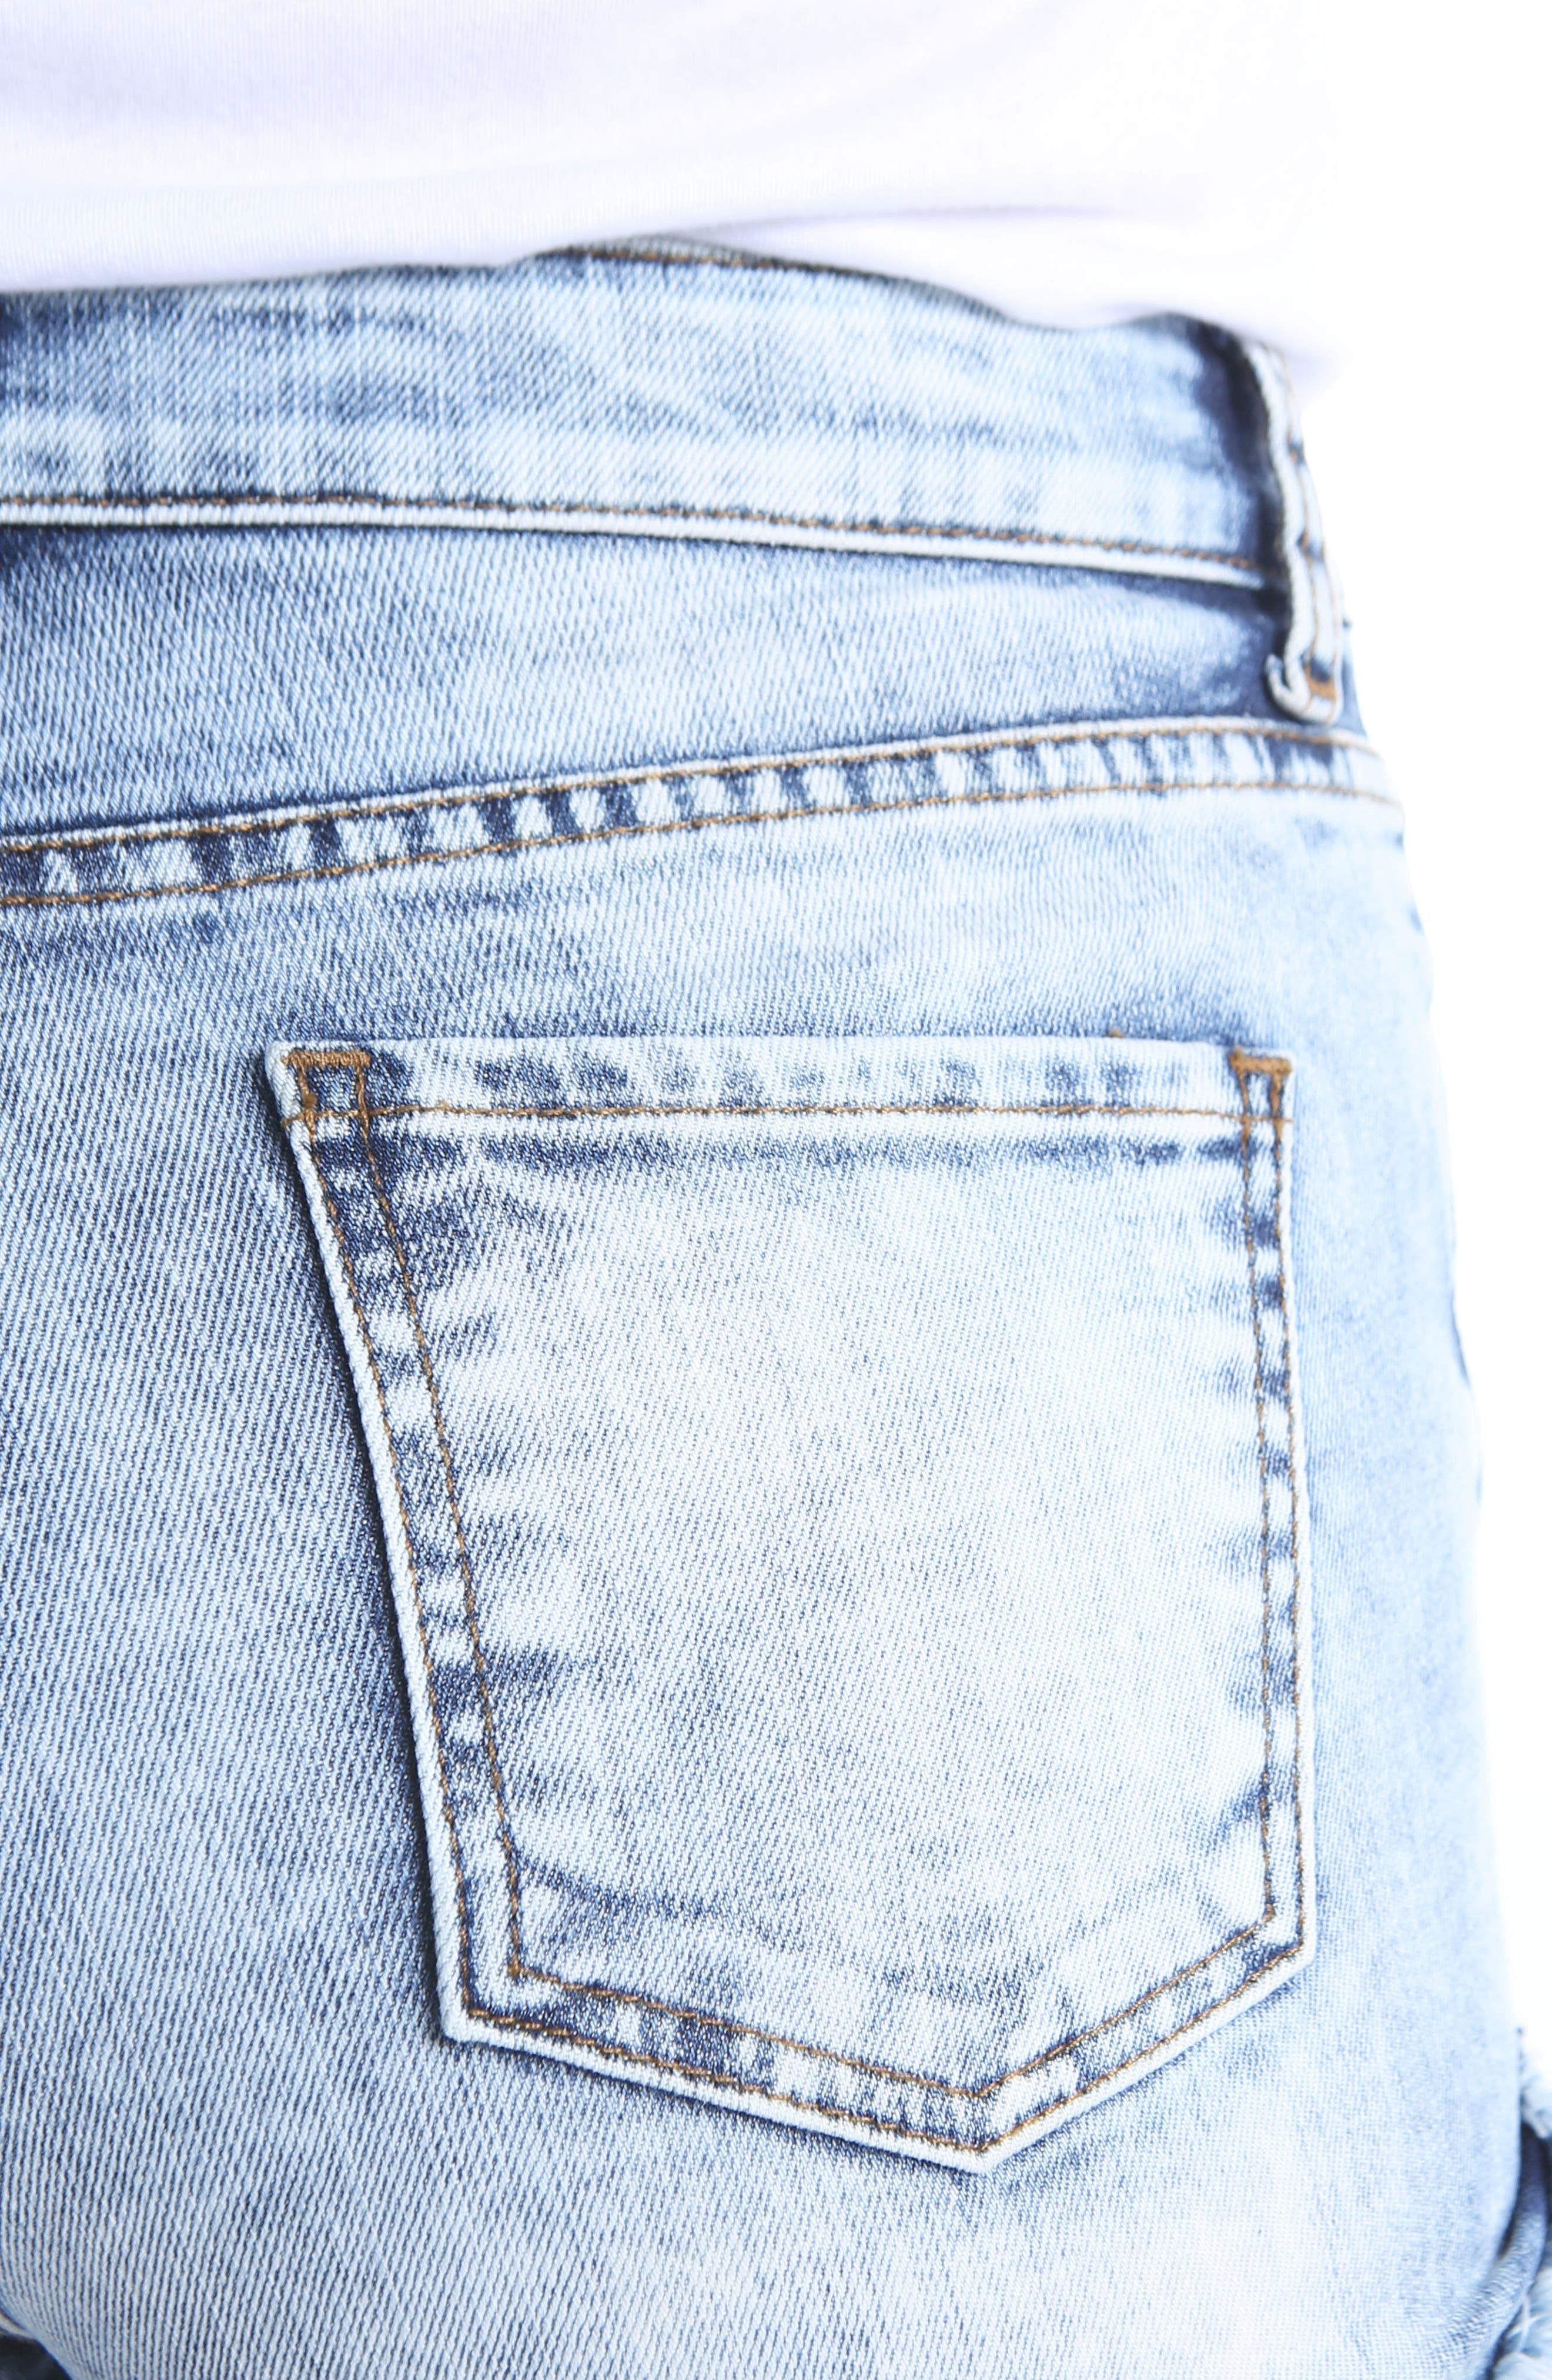 KUT Kollection Gidget Cutoff Denim Shorts,                             Alternate thumbnail 4, color,                             Heighten